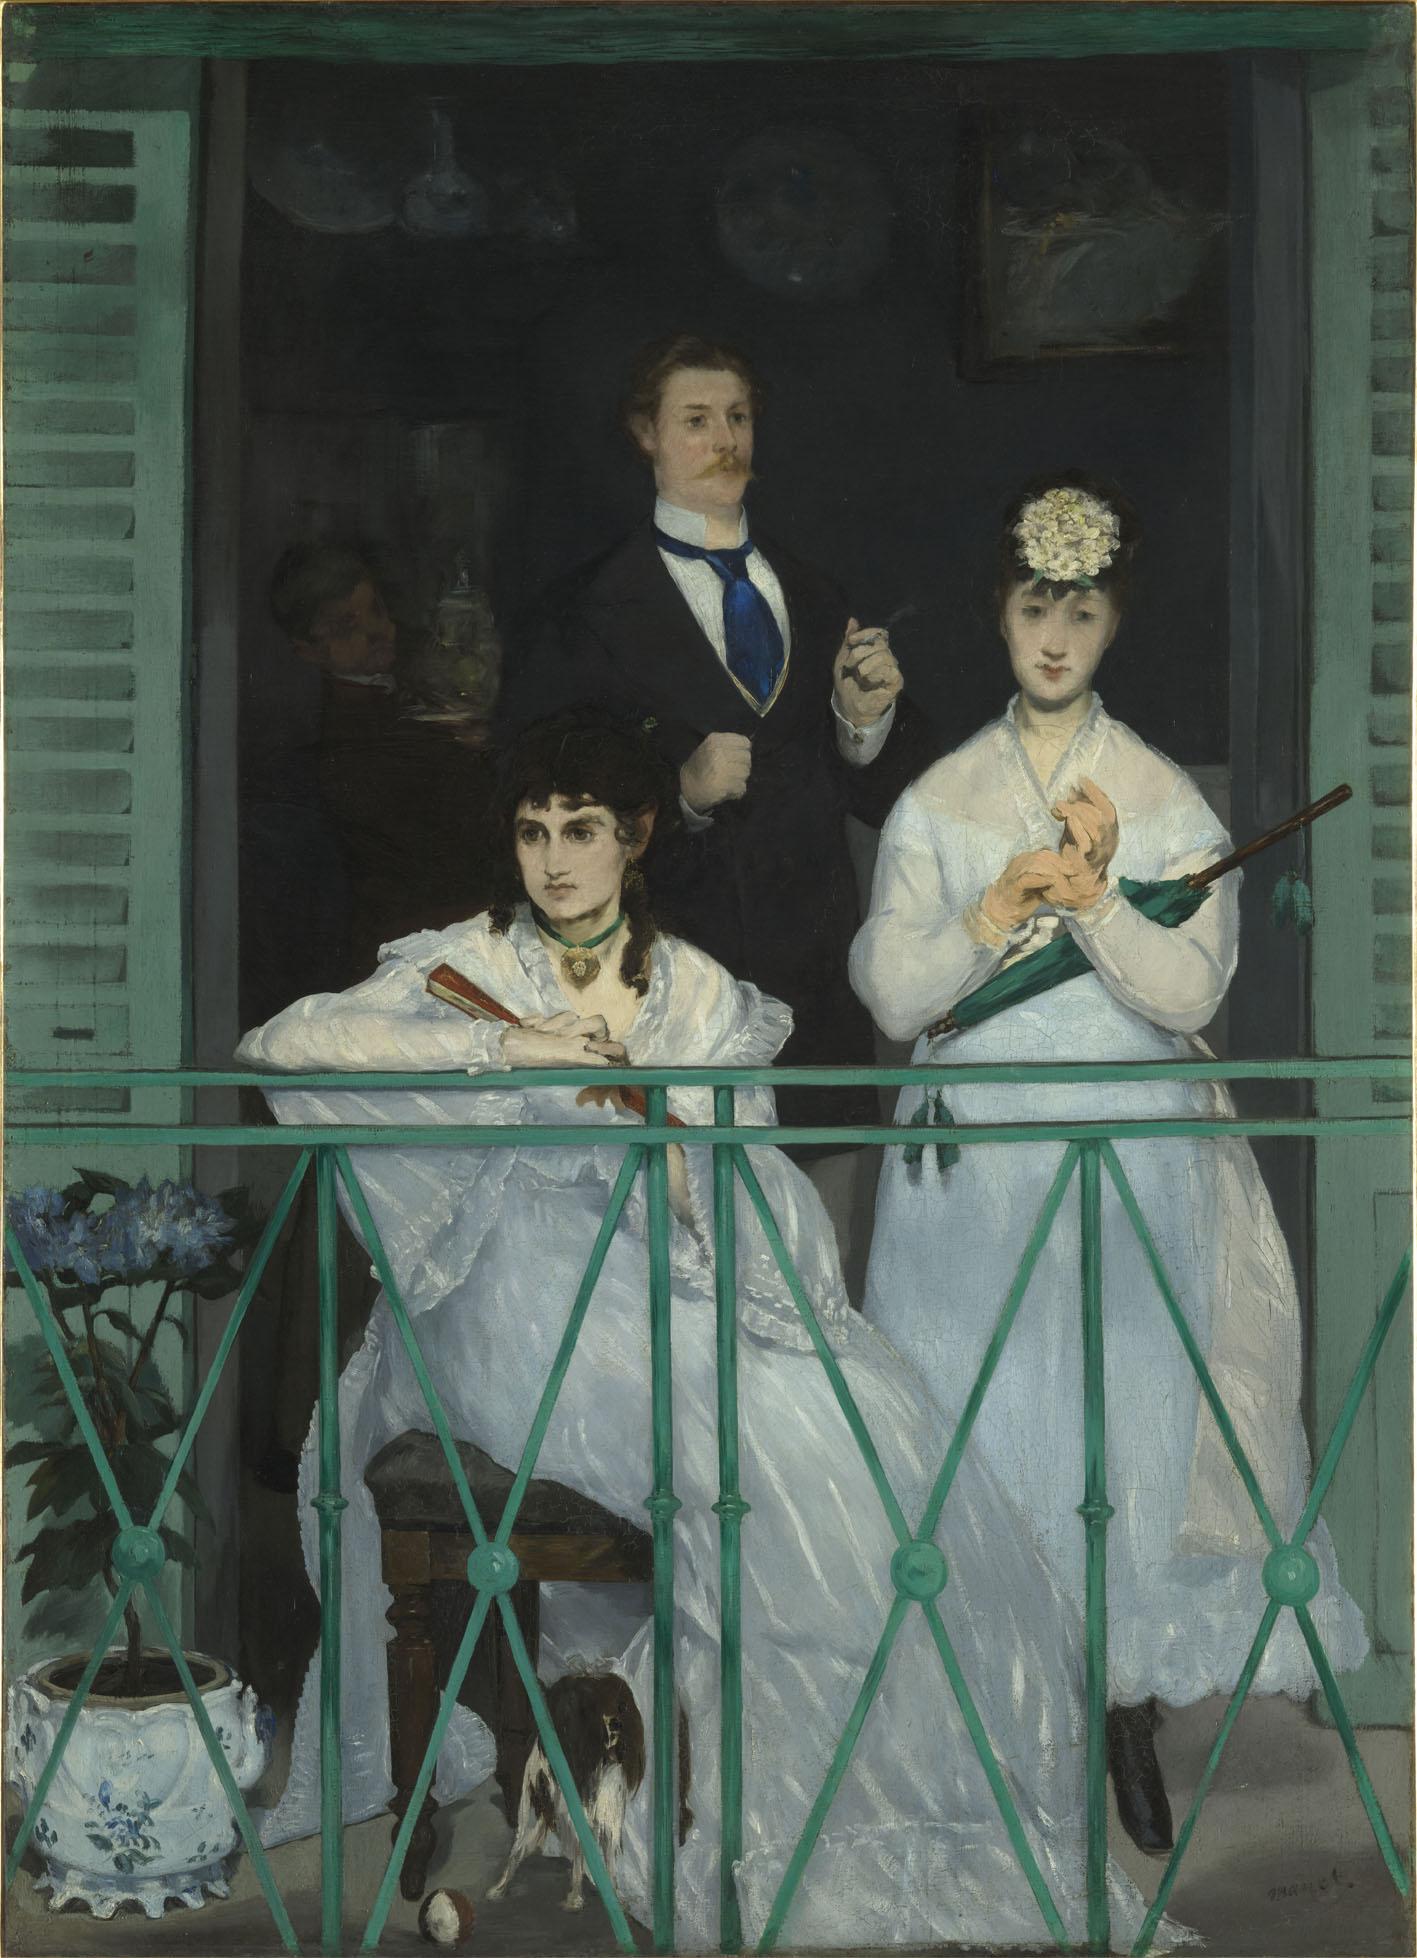 E. Manet, Le balcon, Paris - Musée d_Orsay